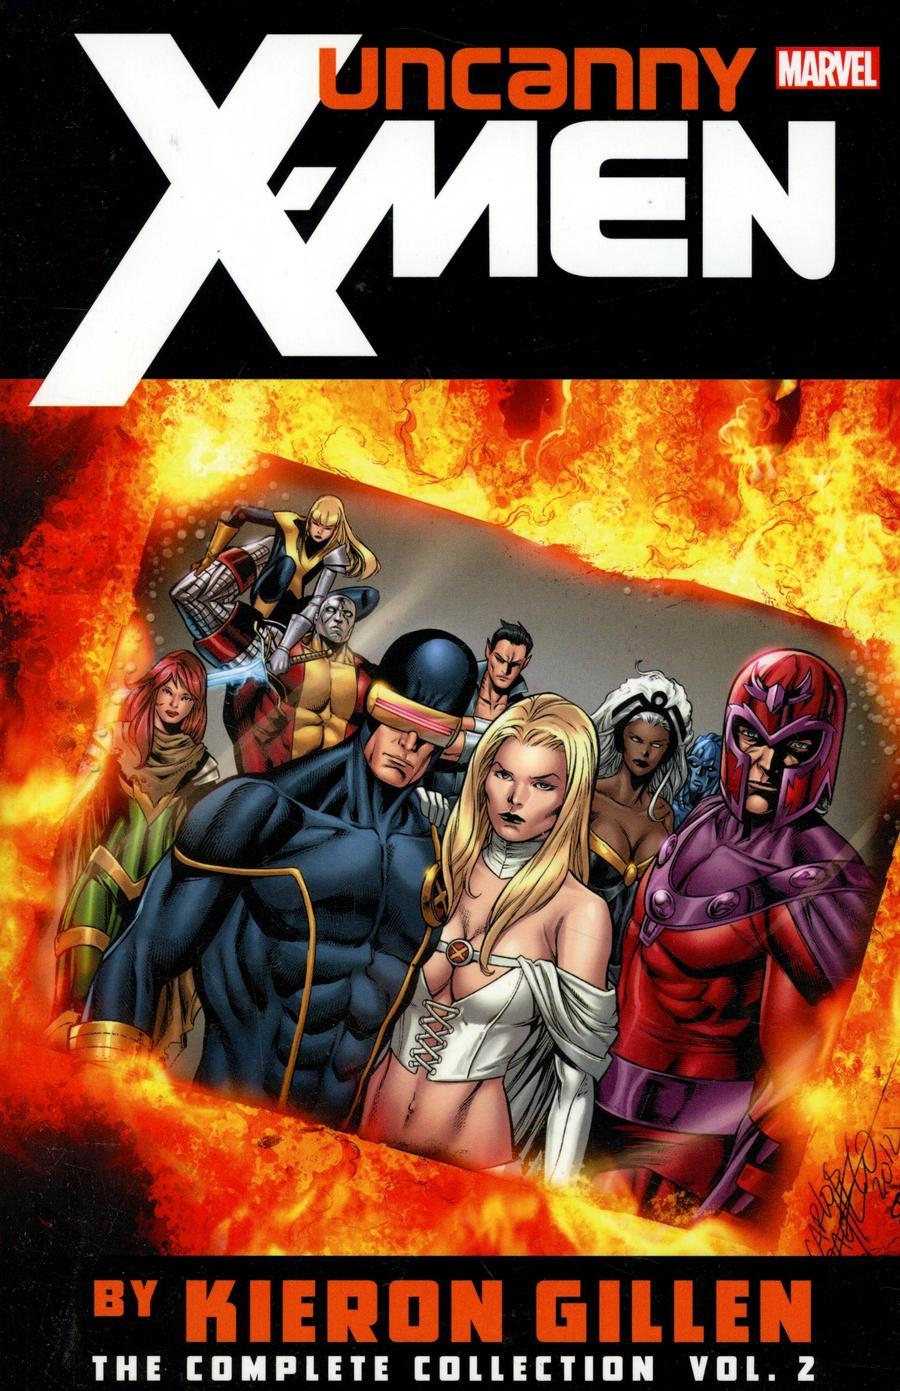 Uncanny X-Men By Kieron Gillen Complete Collection Vol 2 TP